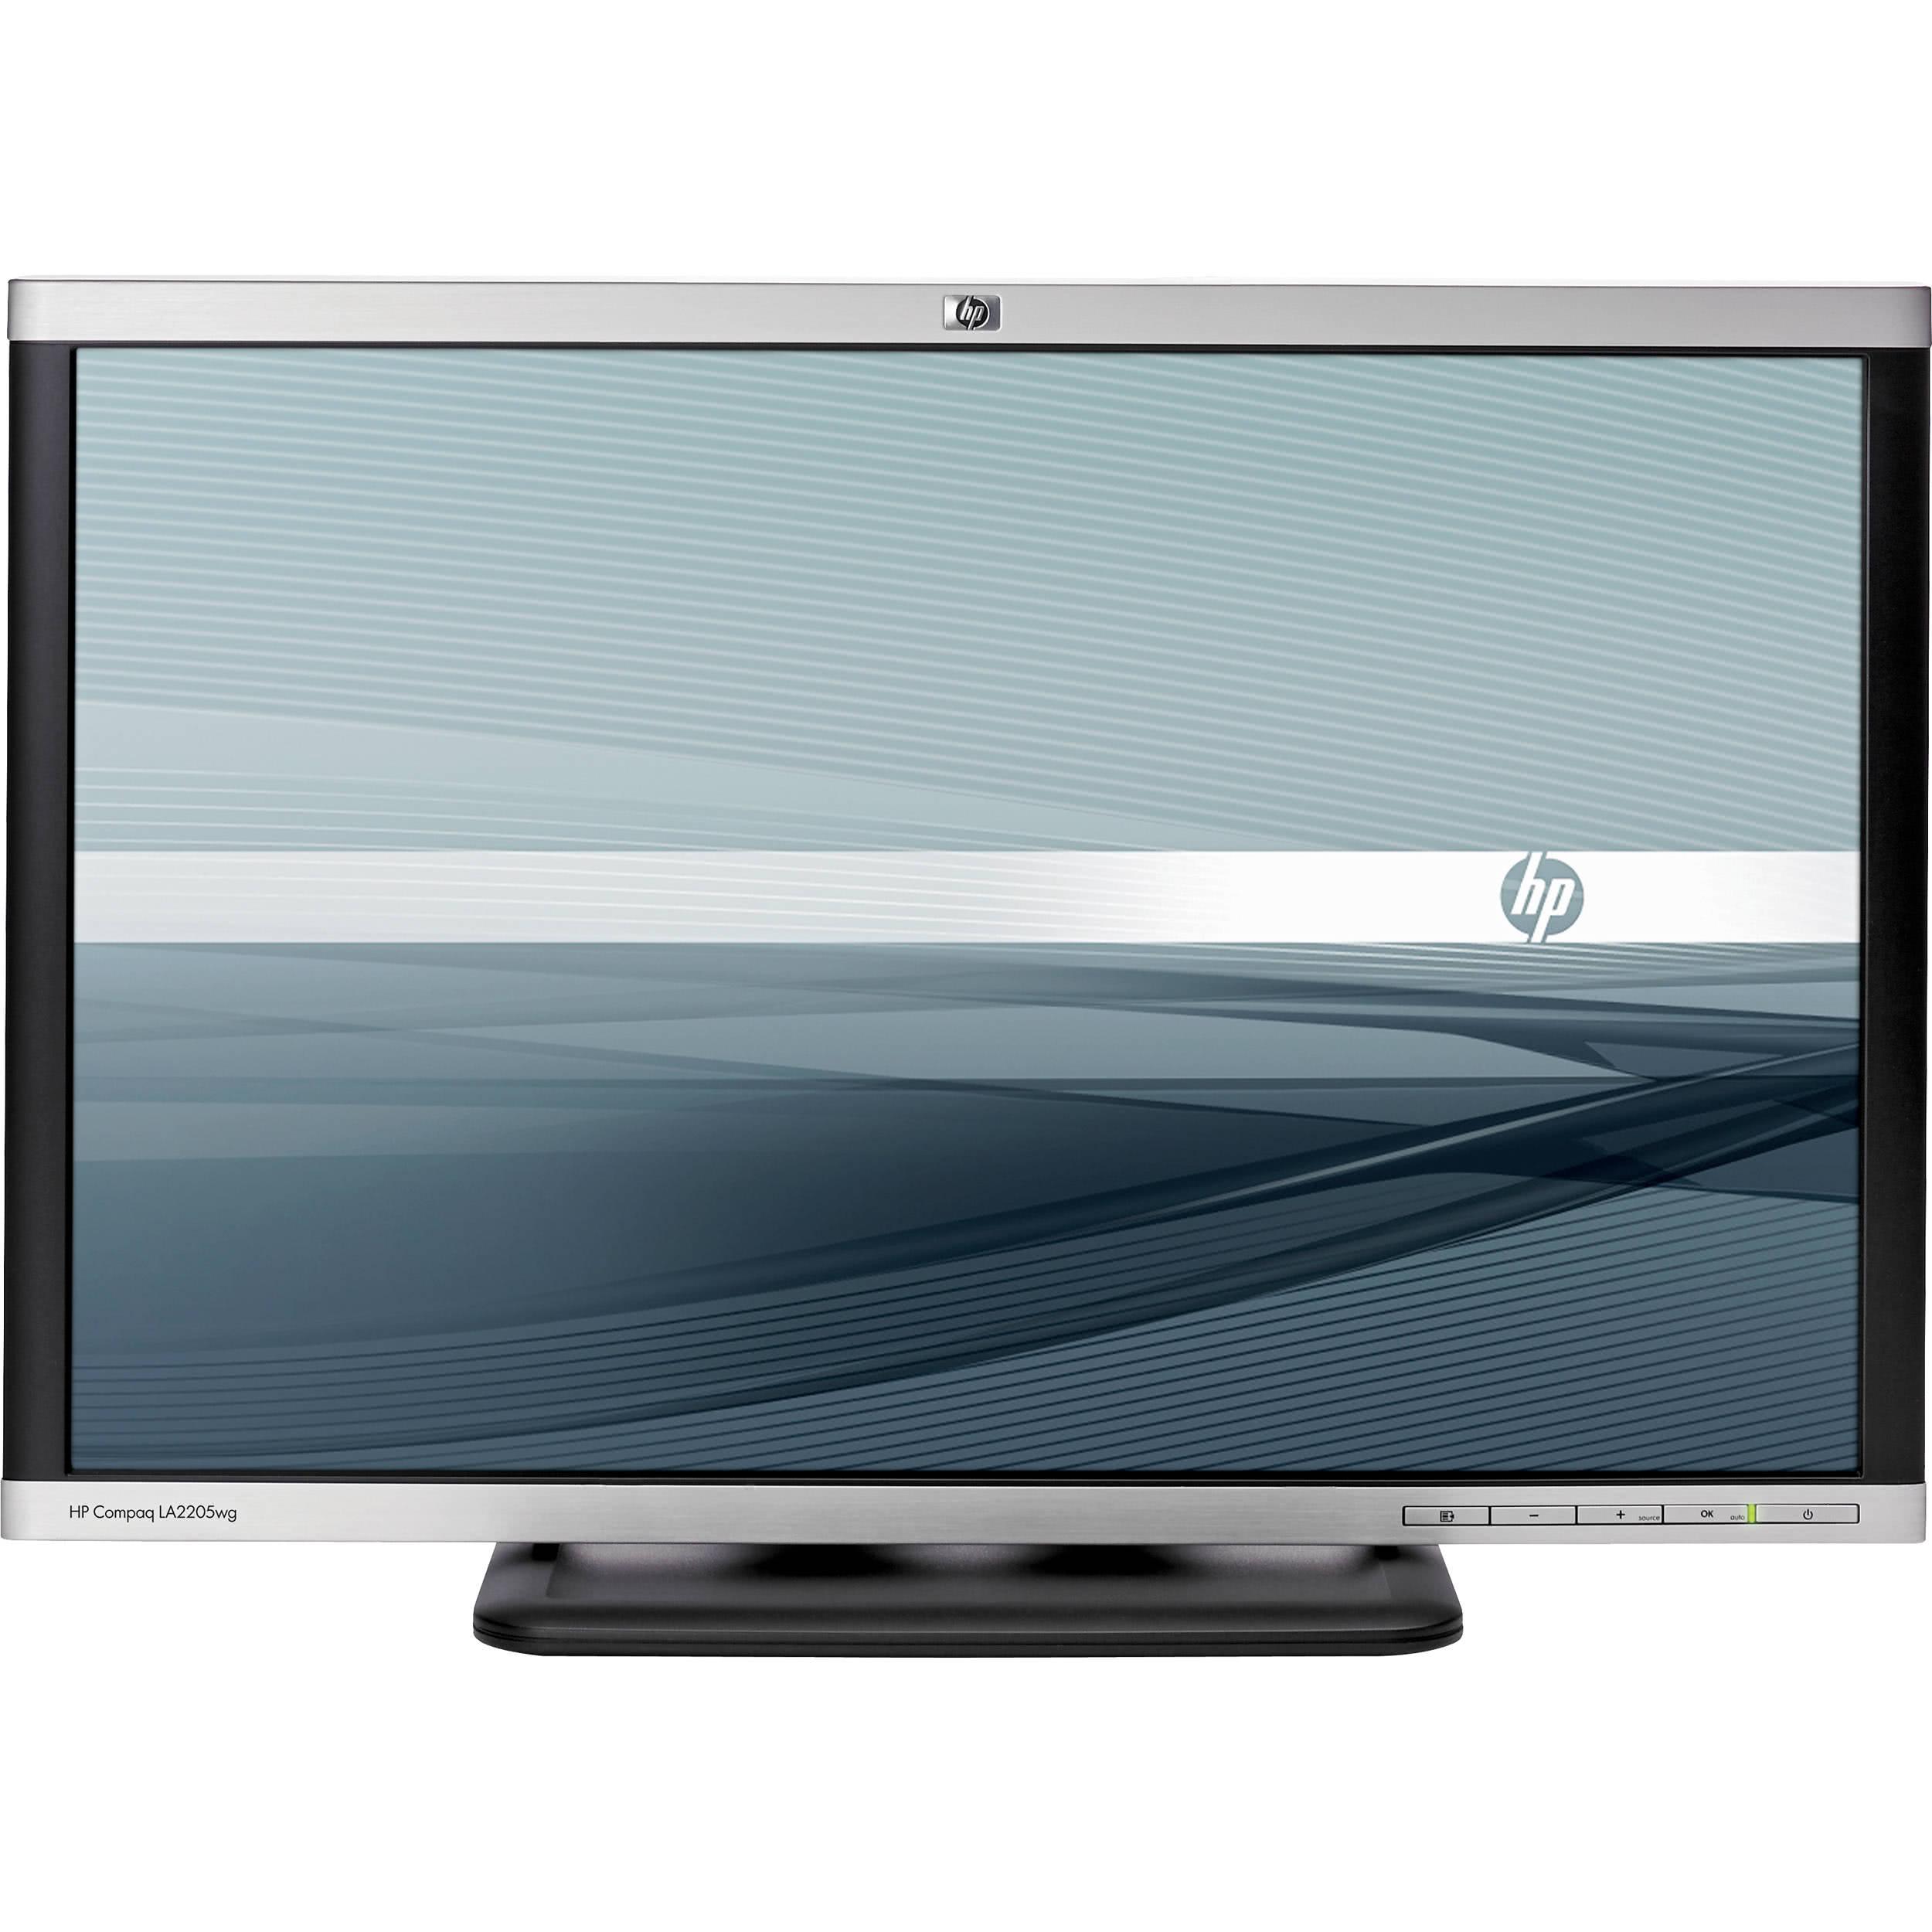 monitor hp la2205wg, lcd 22 inch, 1680 x 1050, usb, vga, dvi, widescreen, full hd, grad b